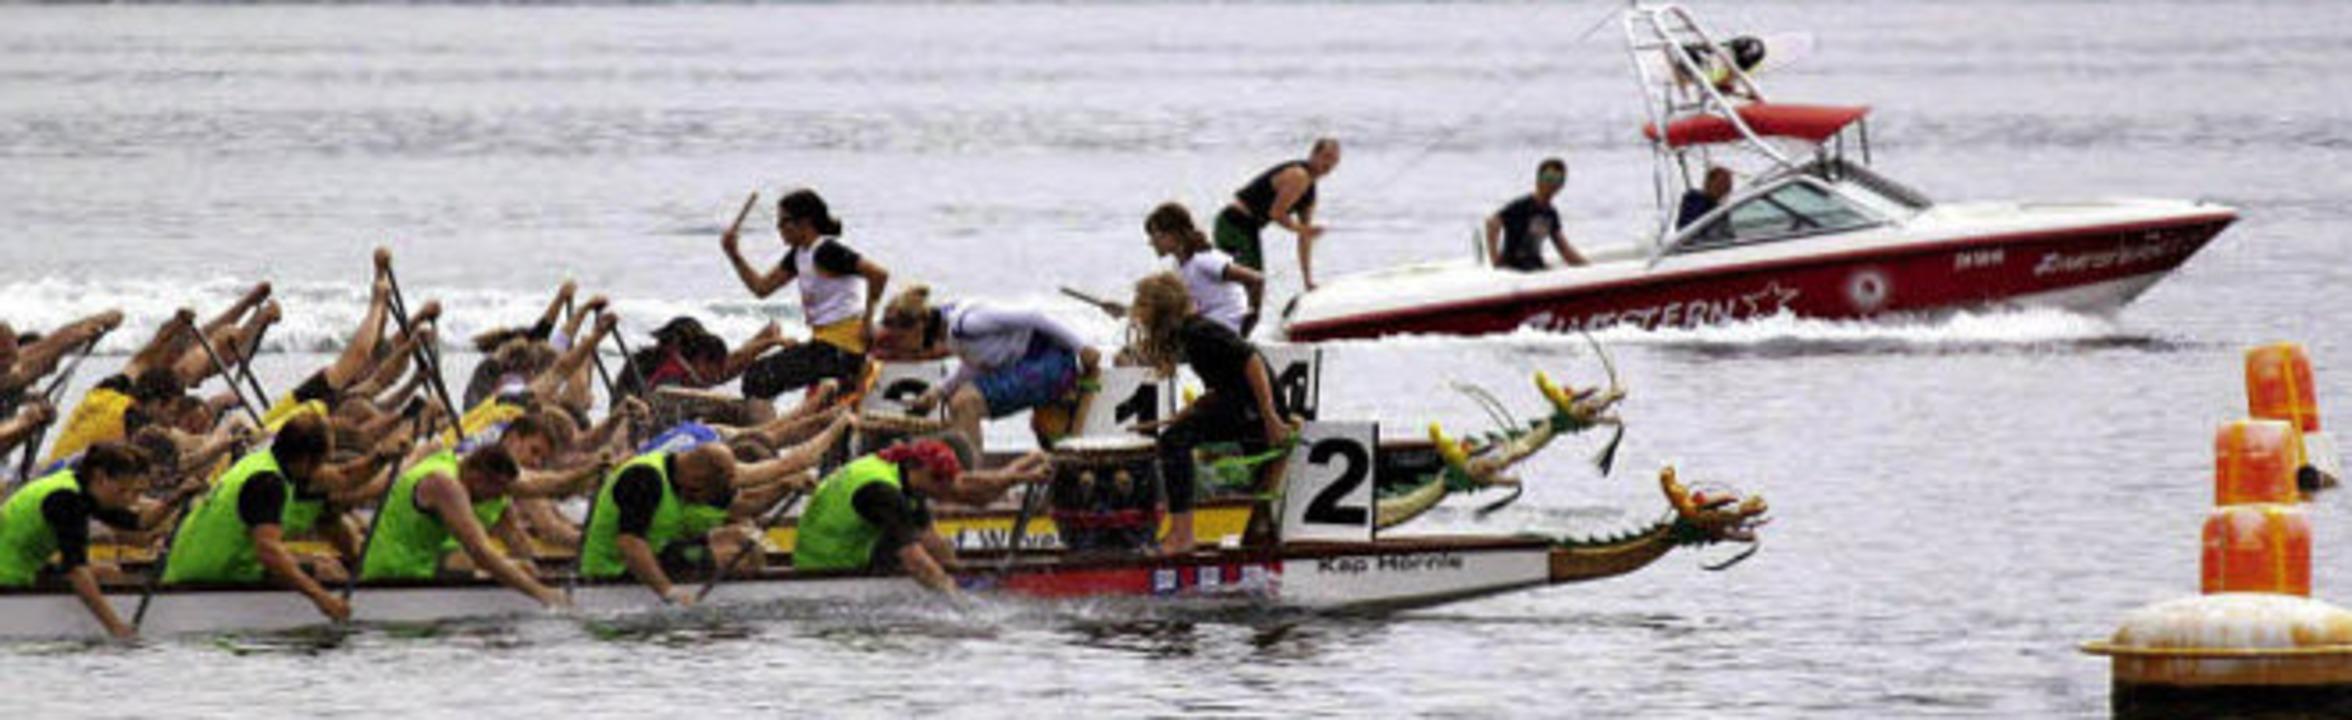 Eine ganze Drachenkopflänge voraus war...er Konkurrenz in Meilen am Zürichsee.   | Foto: privat